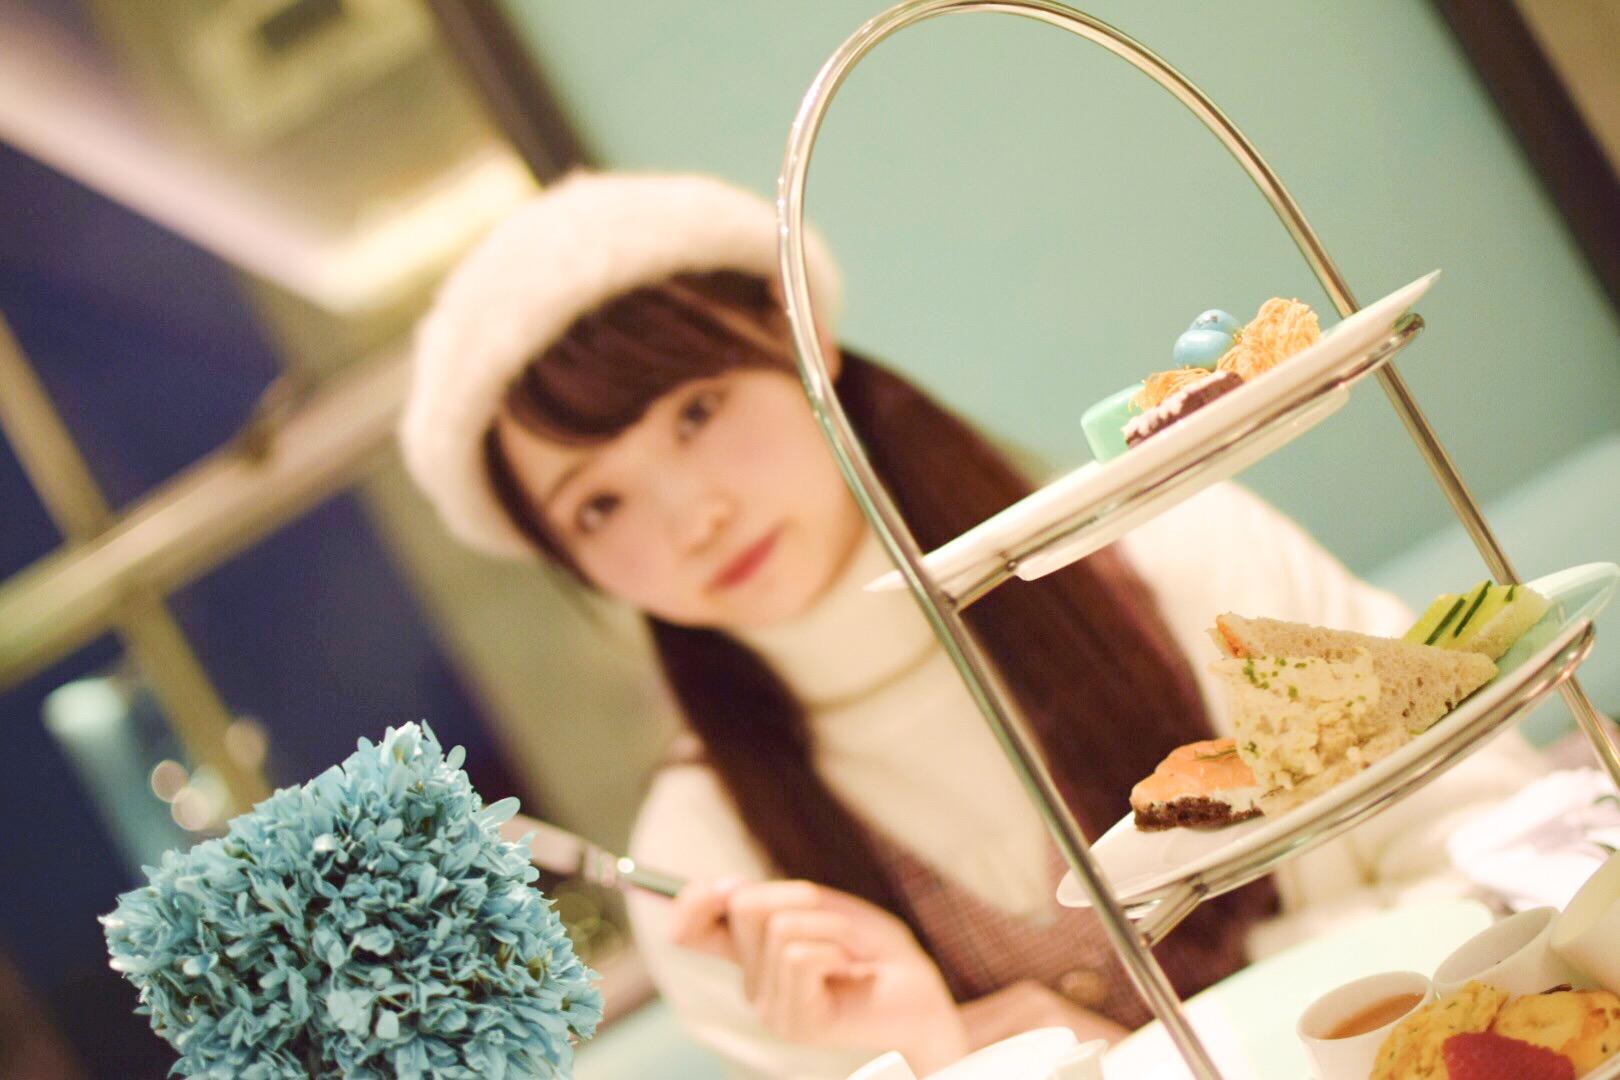 【NY】5番街で「ティファニーで朝食を」実際に食べれる!?The Blue Box Cafe【Tiffany】_1